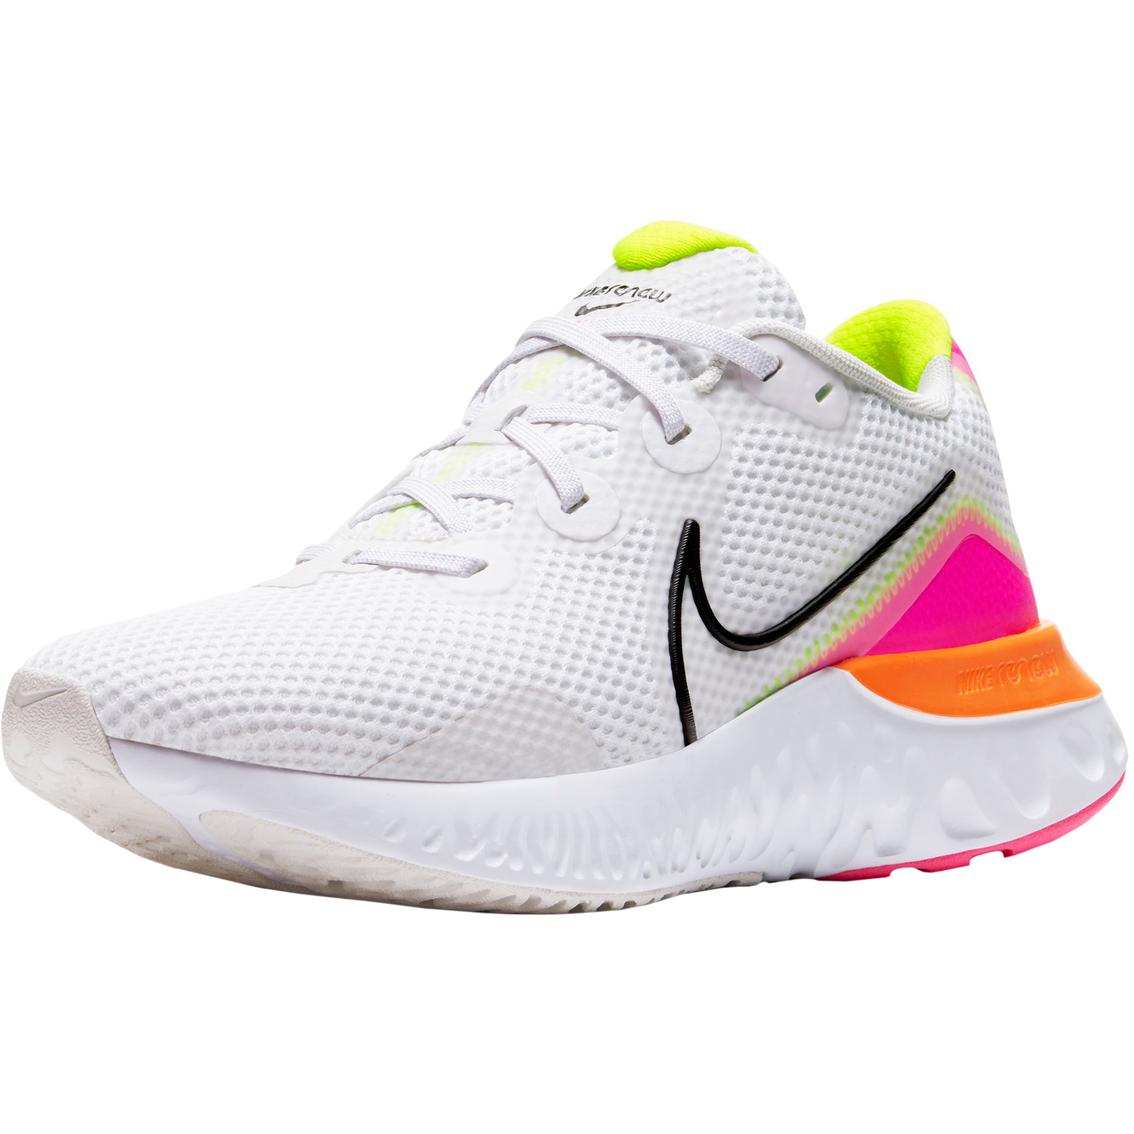 Nike Women's Renew Run Running Shoes   Running   Shoes ...